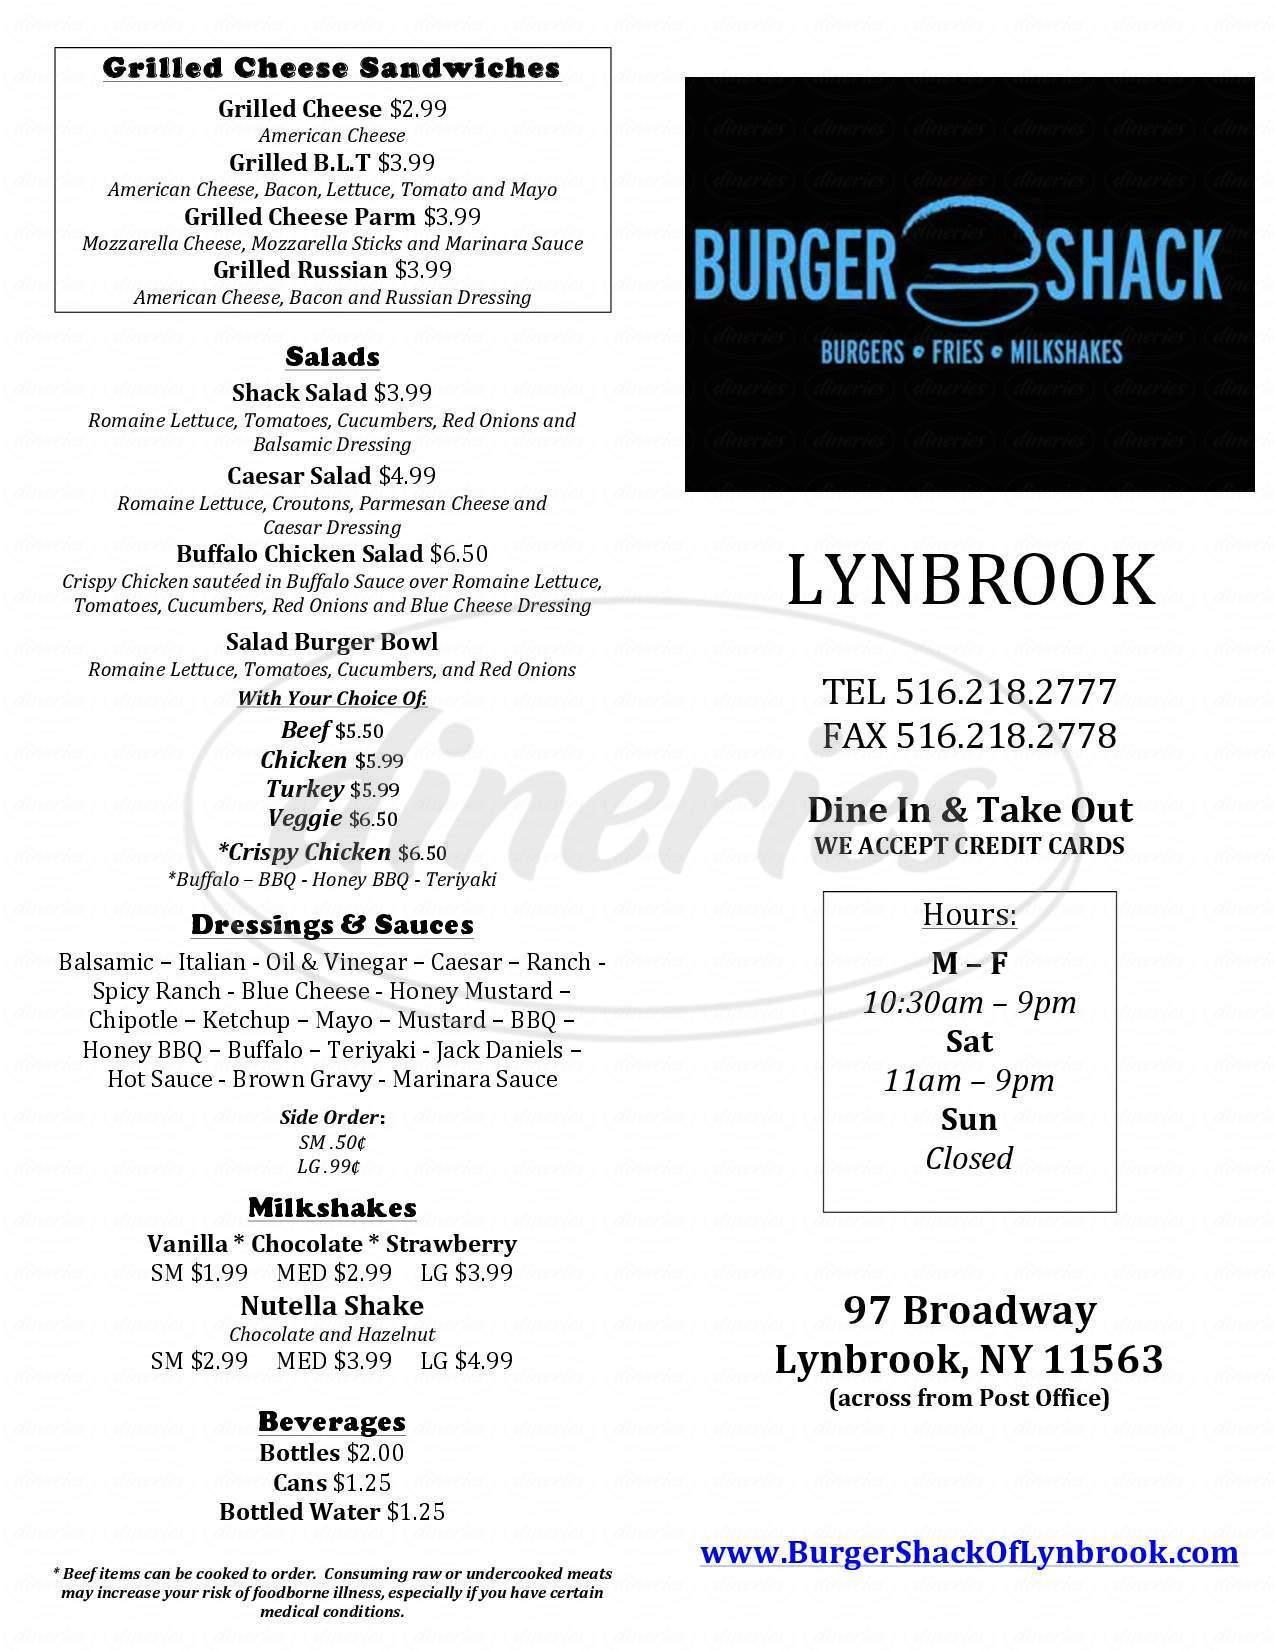 menu for Burger Shack